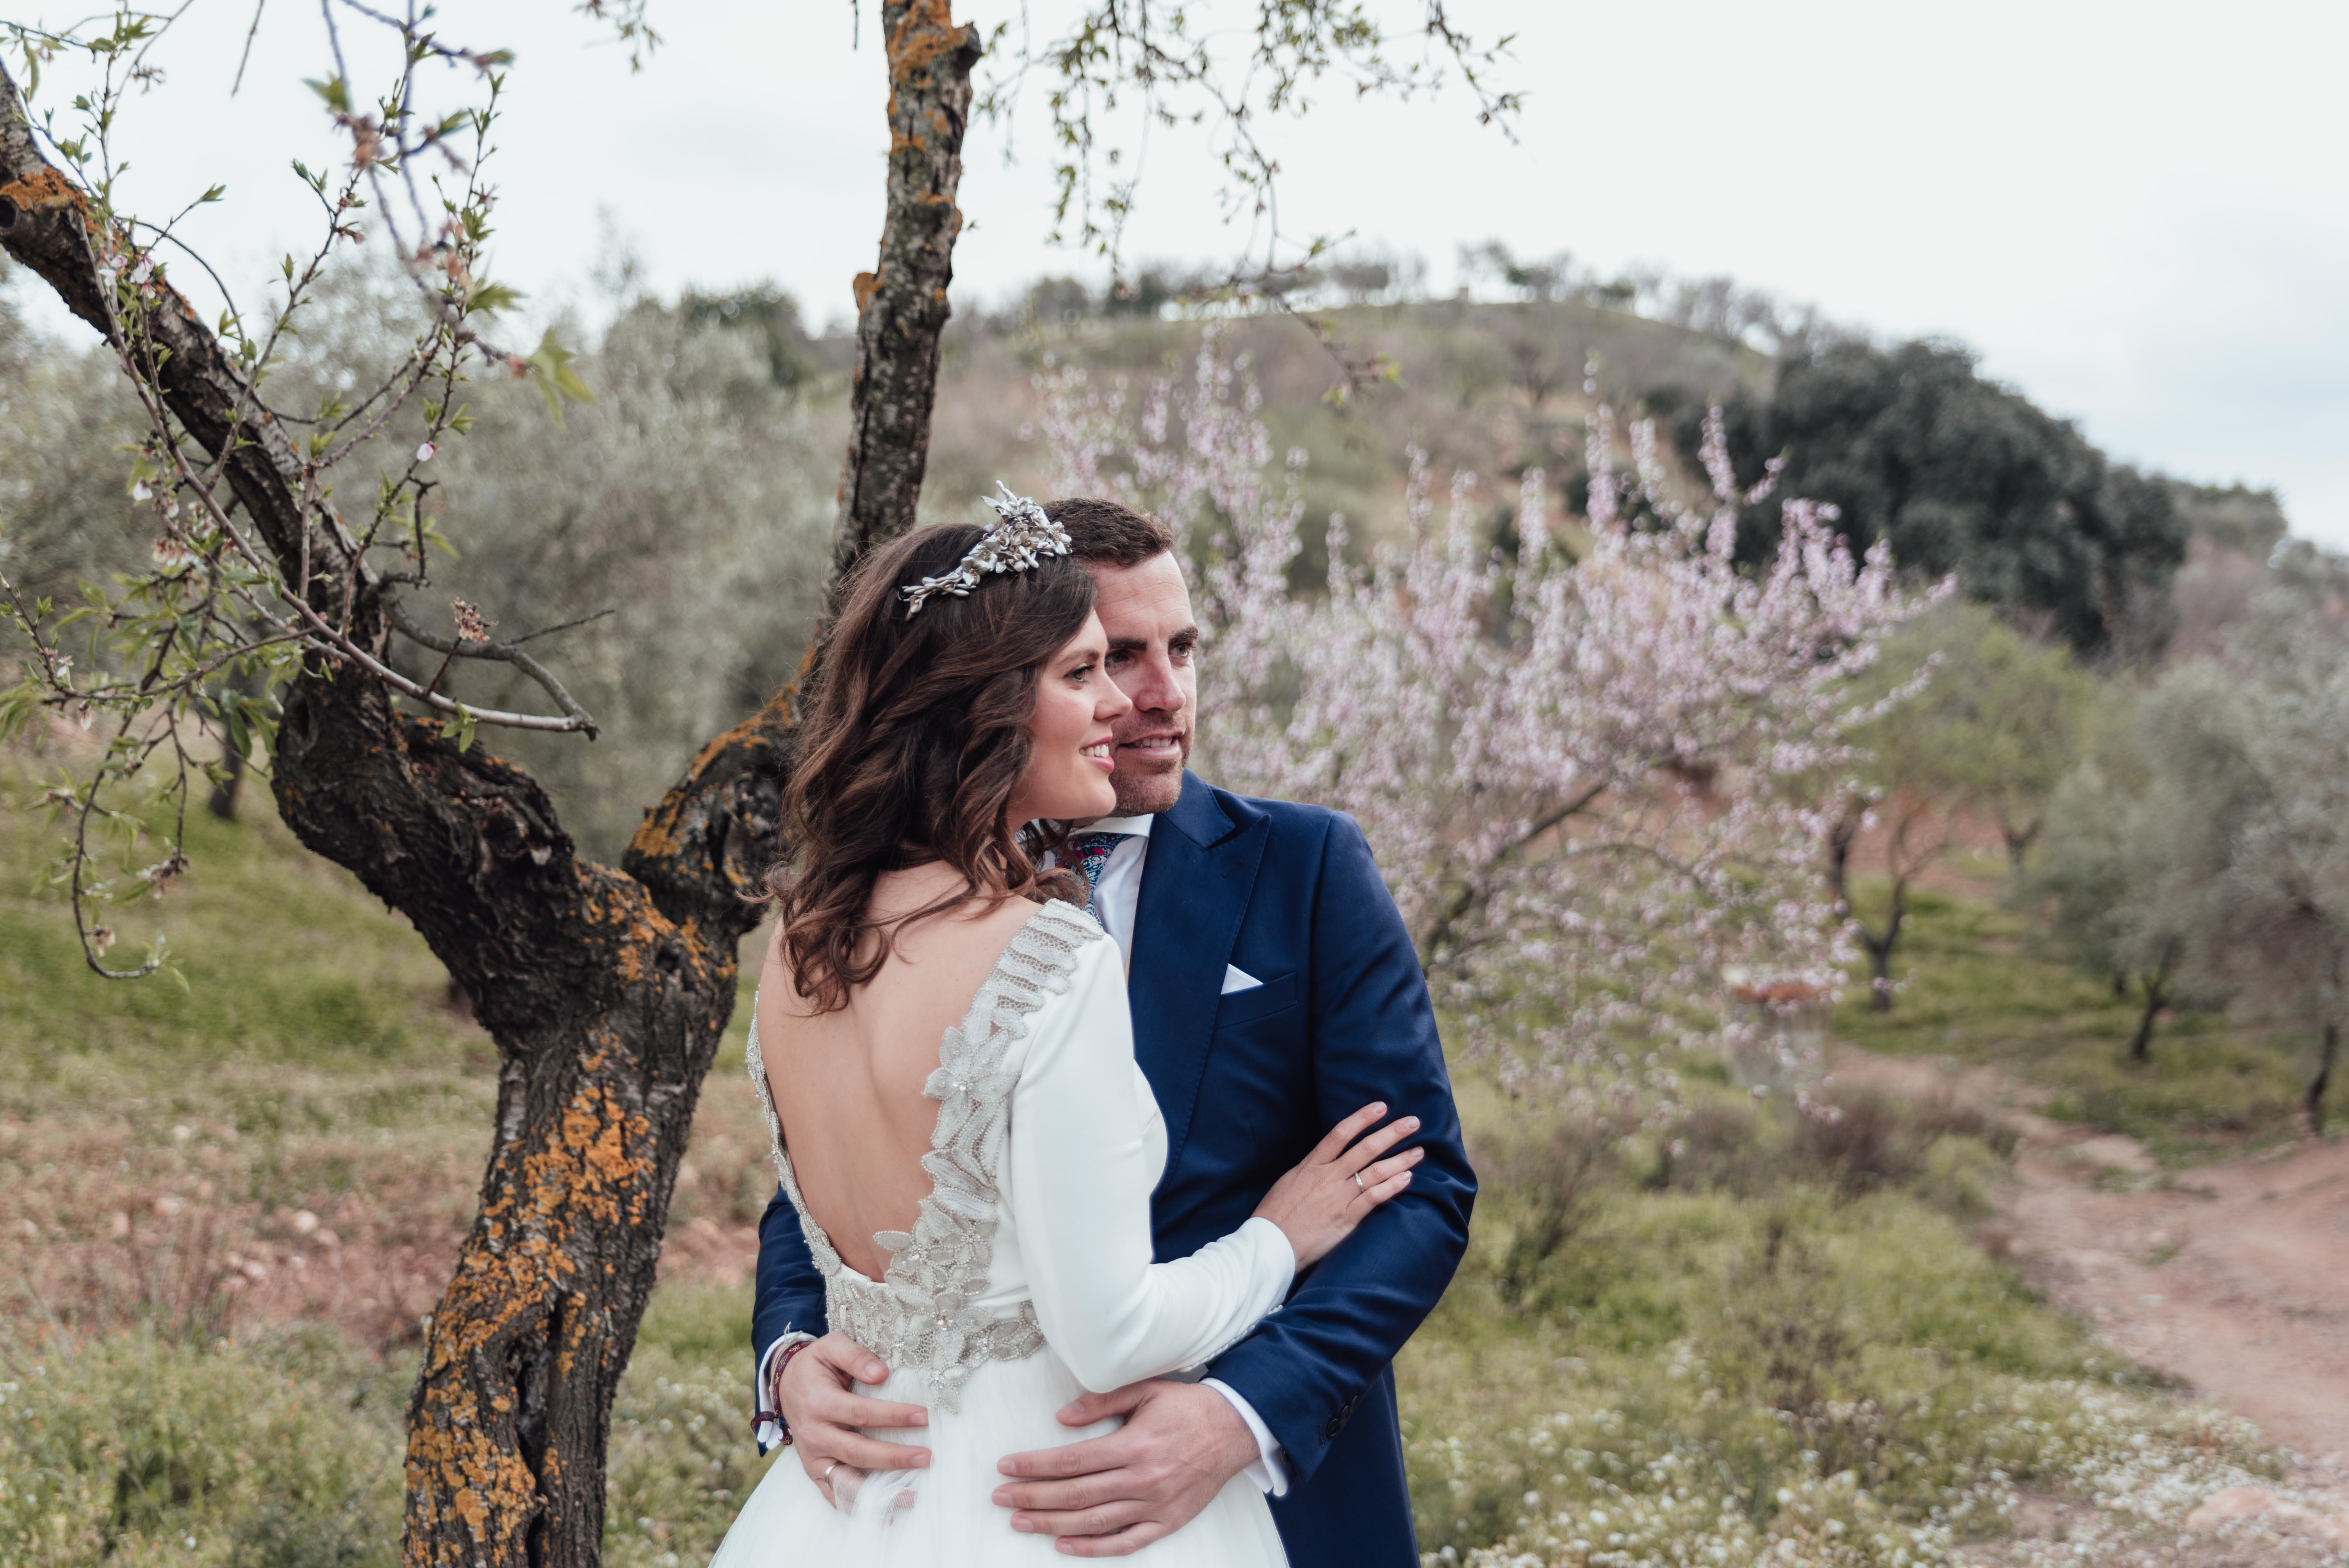 Postboda de Cris & Fran con almendros en flor en Málaga.